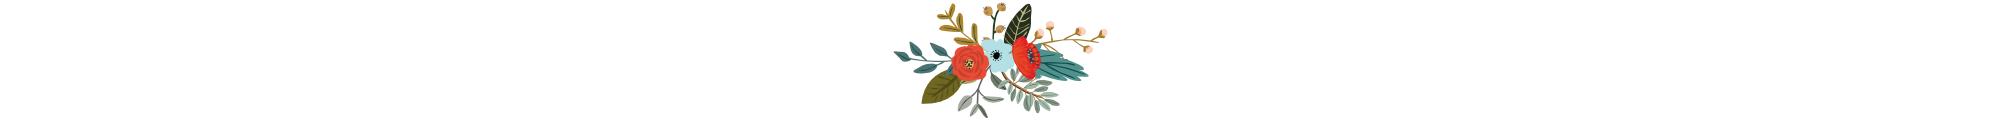 jillpulver.flowerbanner